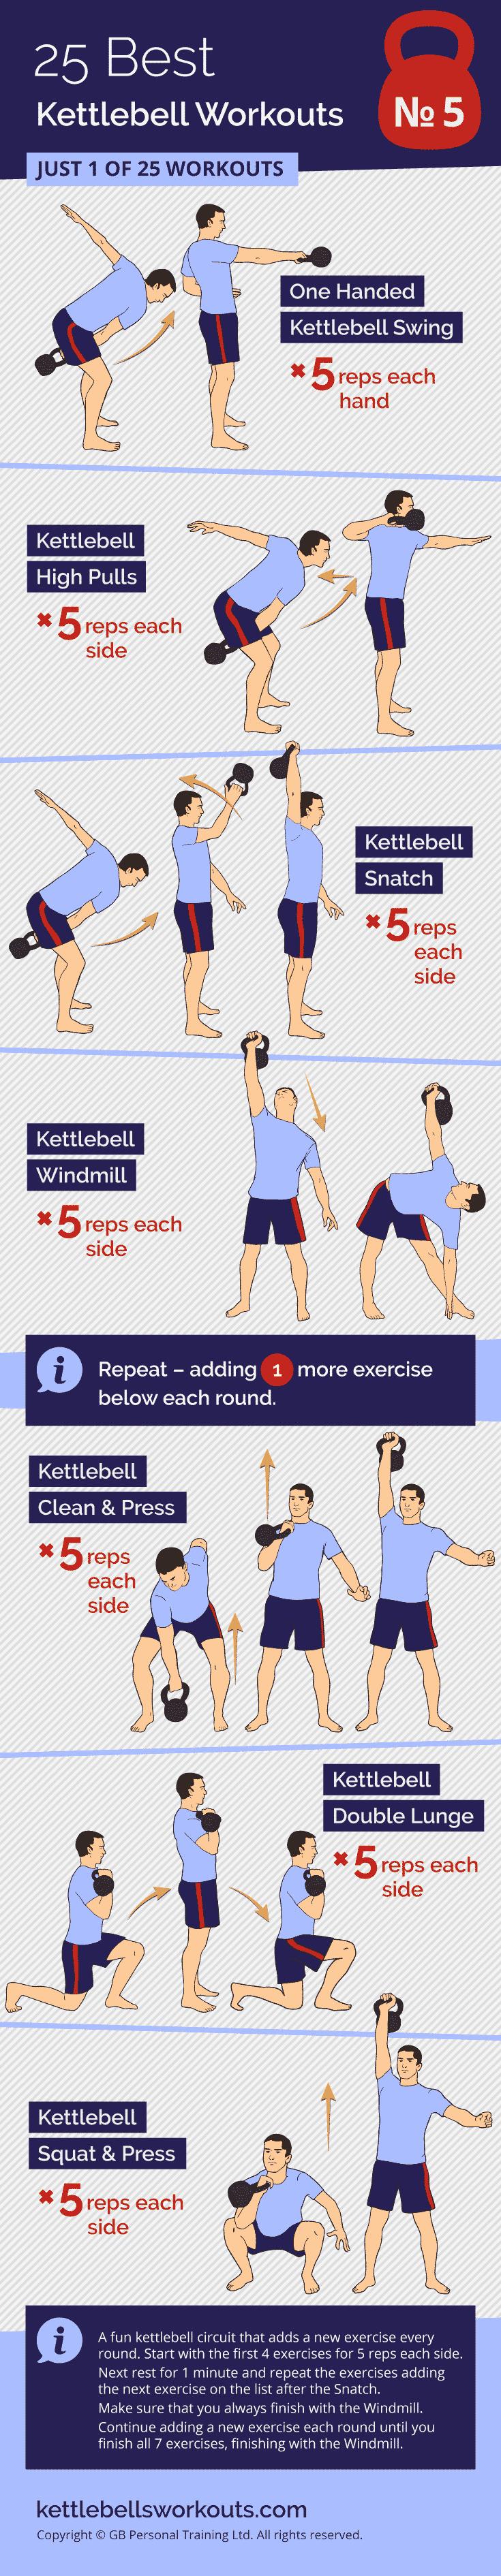 5 Step Kettlebell Workout Ladder